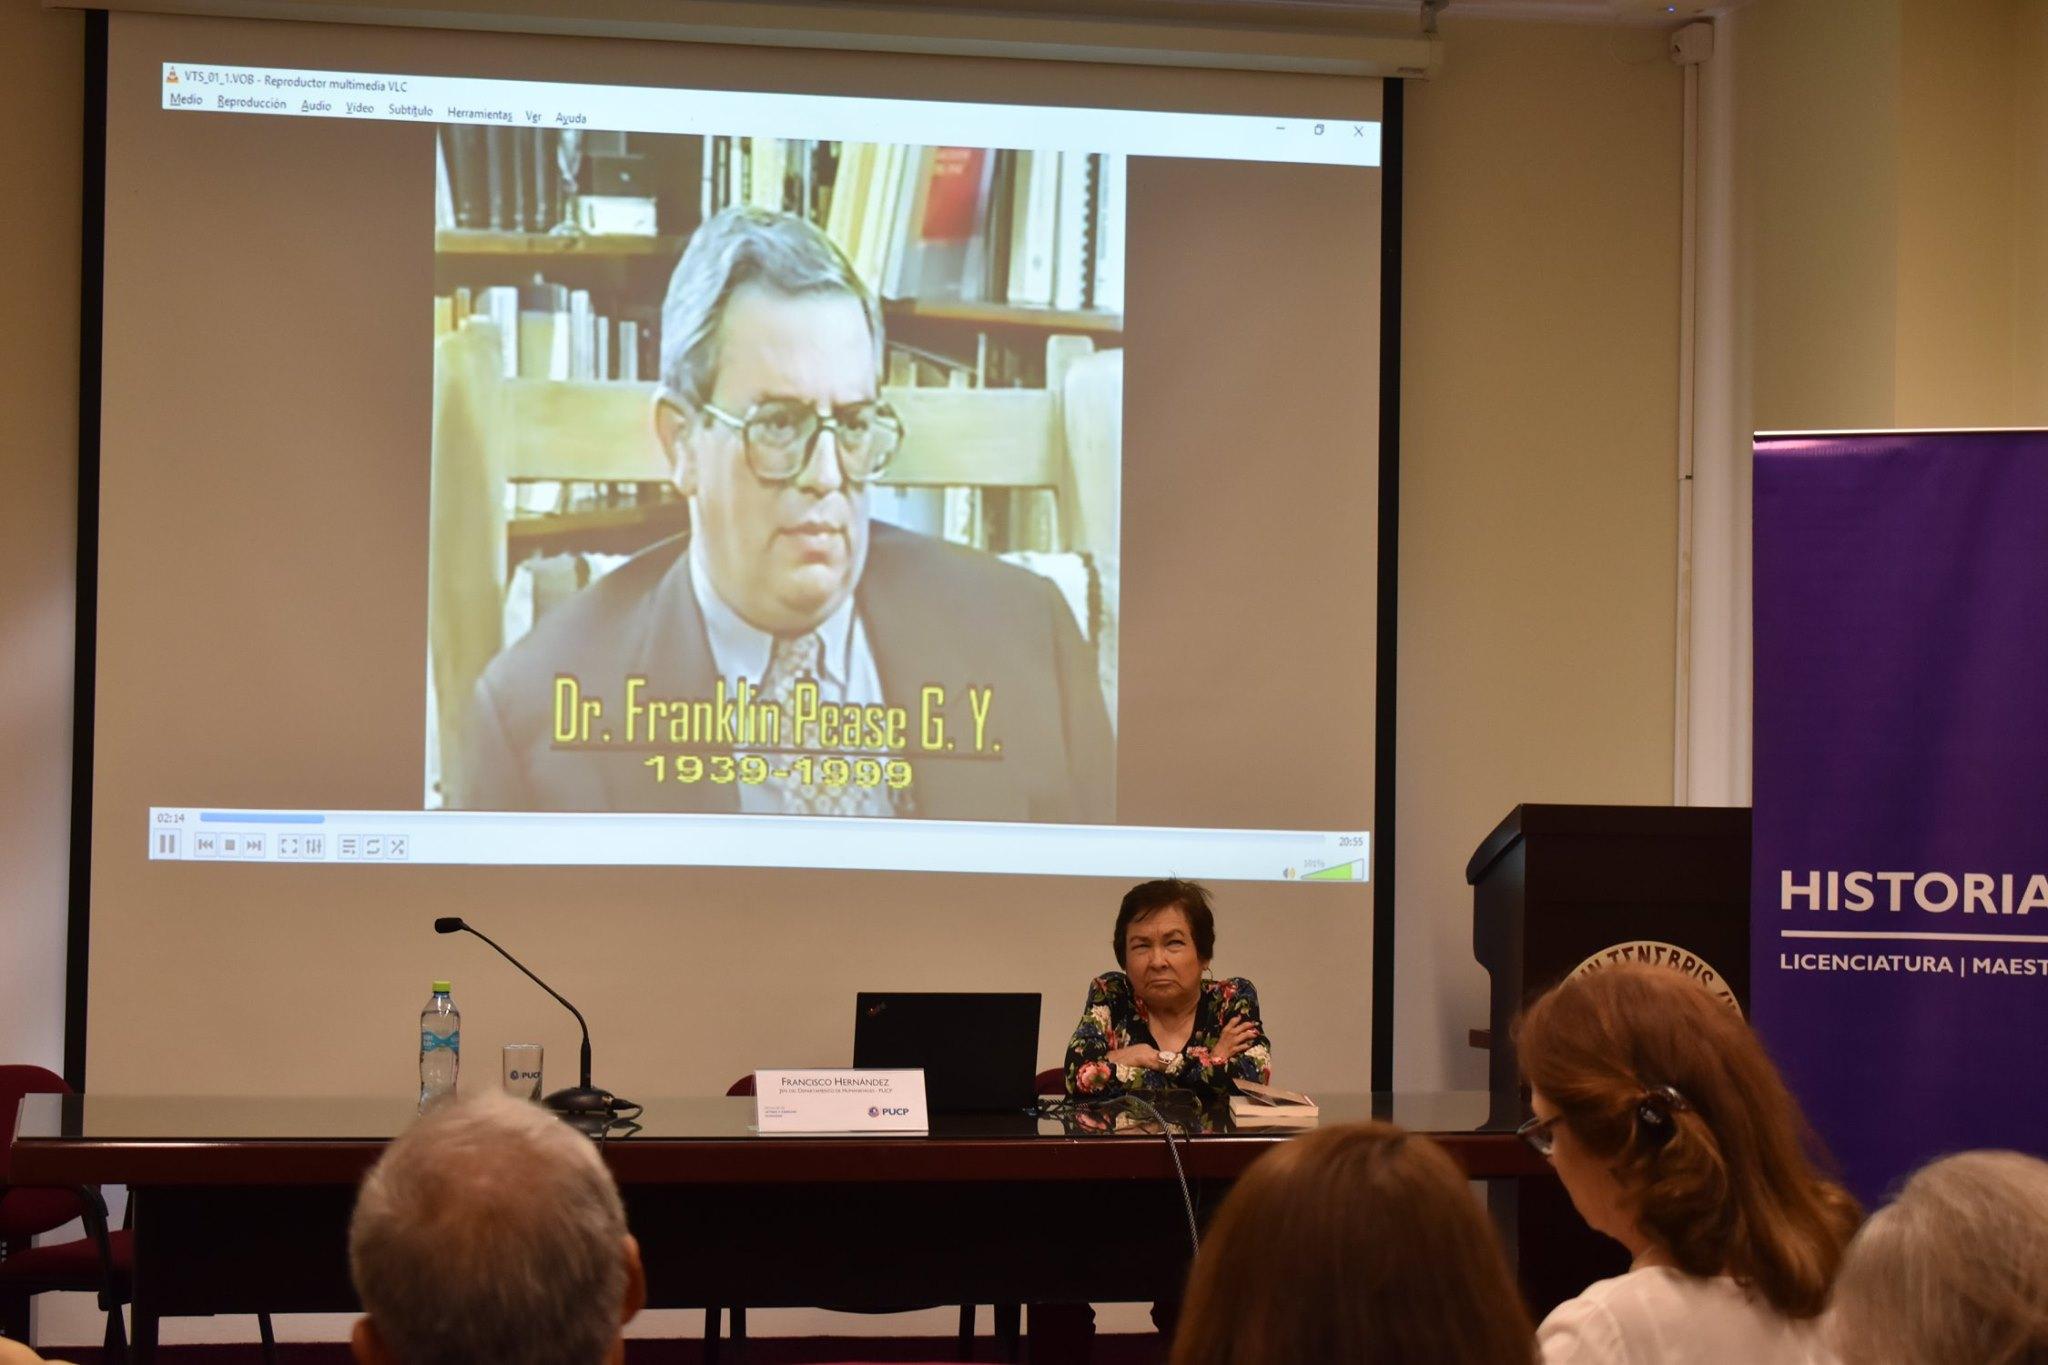 Coloquio conmemorativo: Presencia de Franklin Pease García Yrigoyen [fotos]